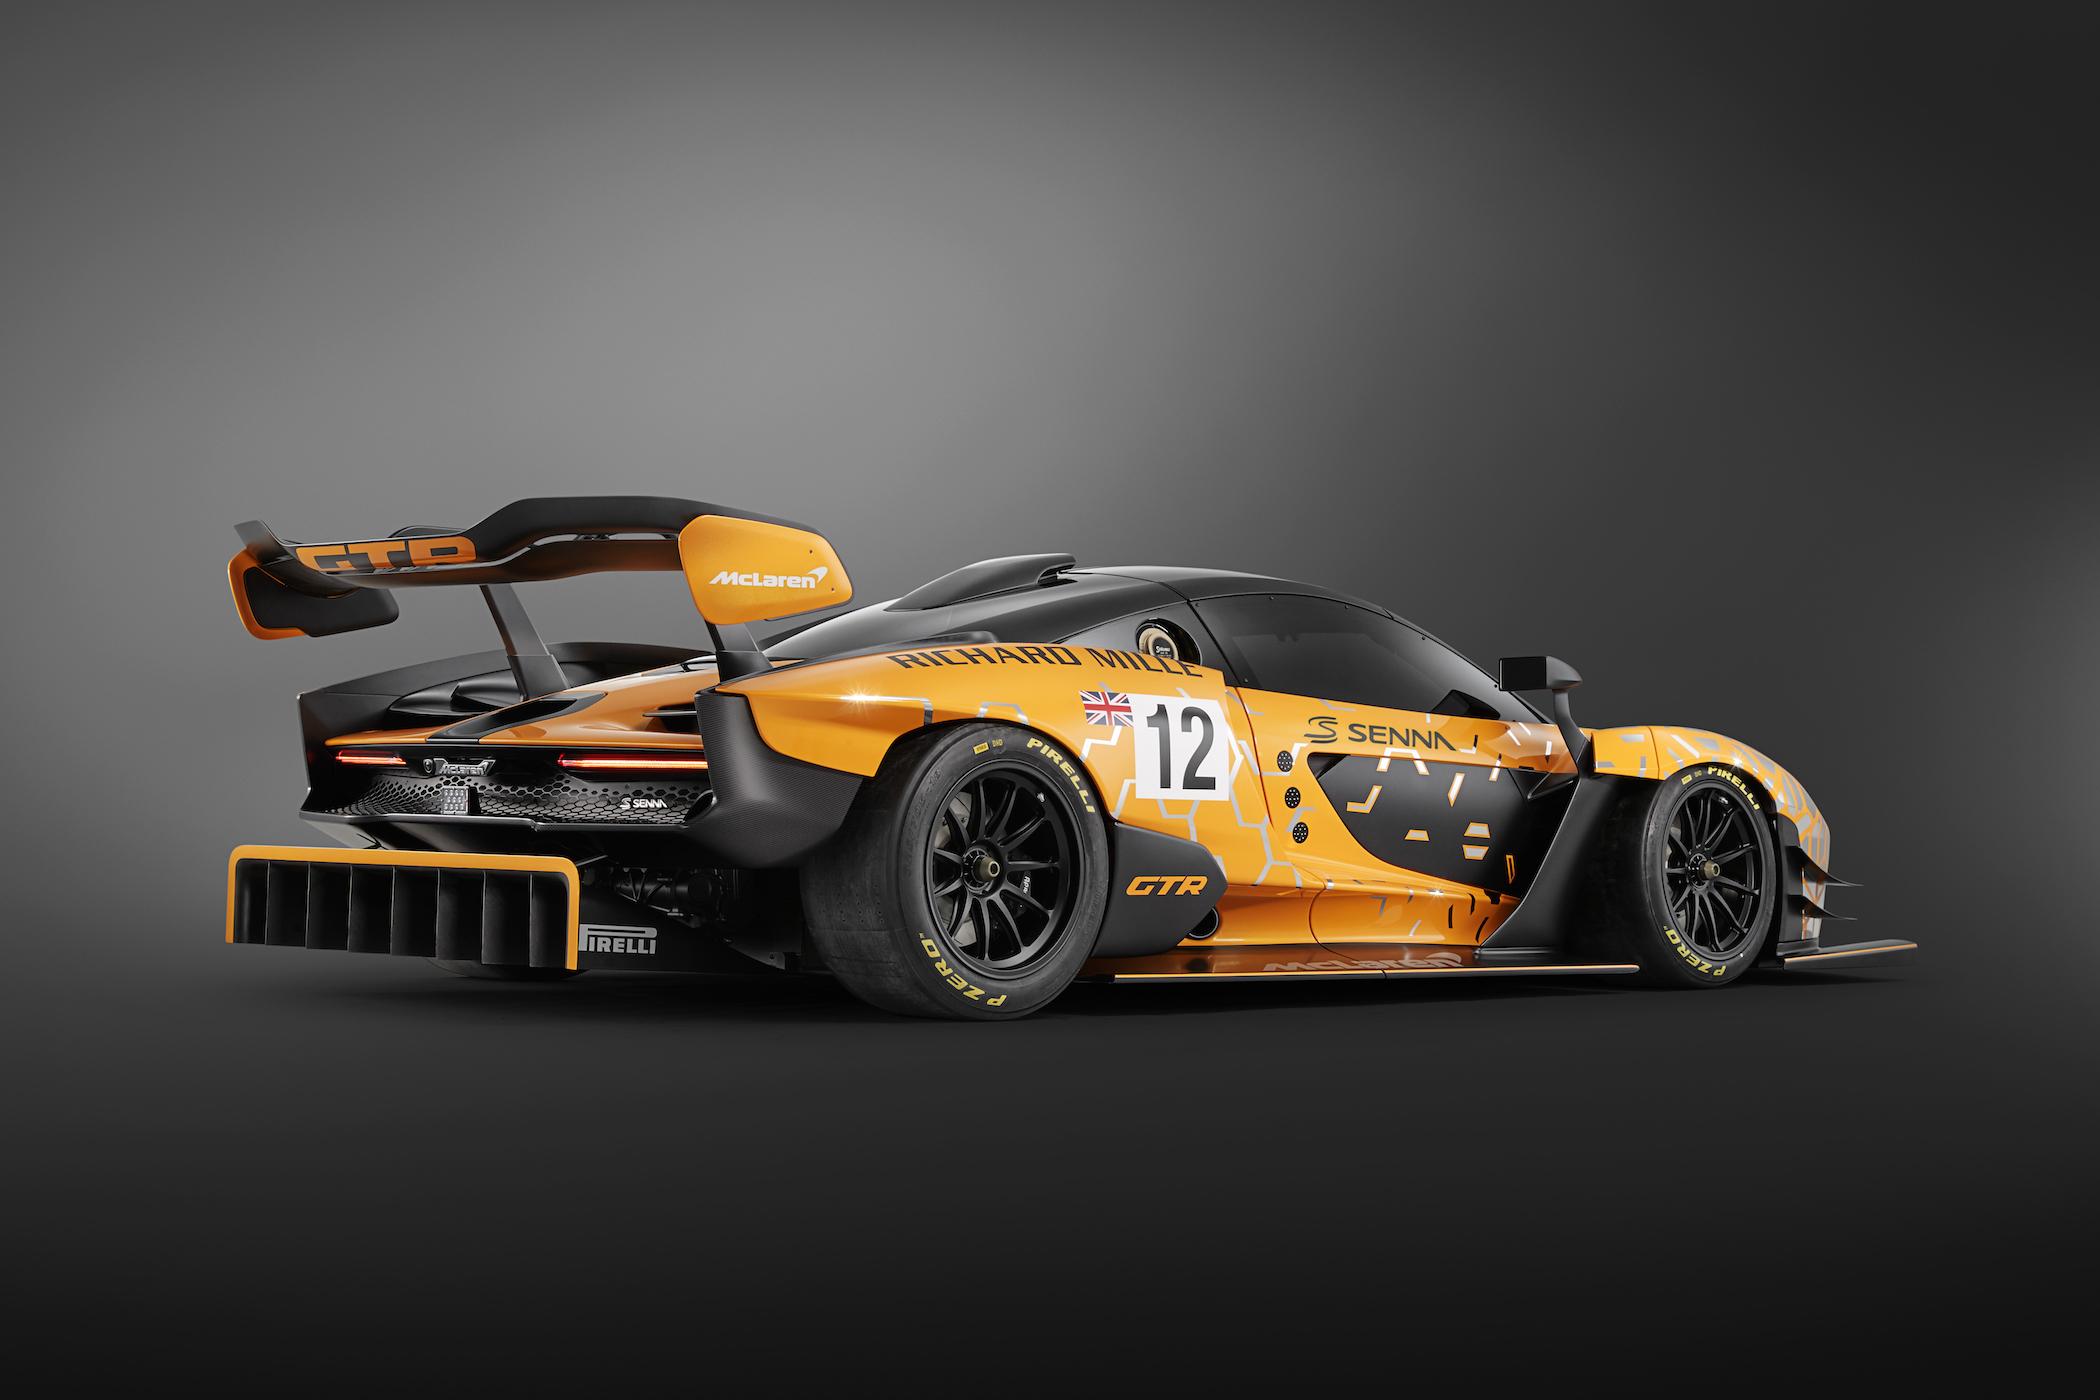 Bijpassende auto bij het horloge, de McLaren Senna GTR Concept